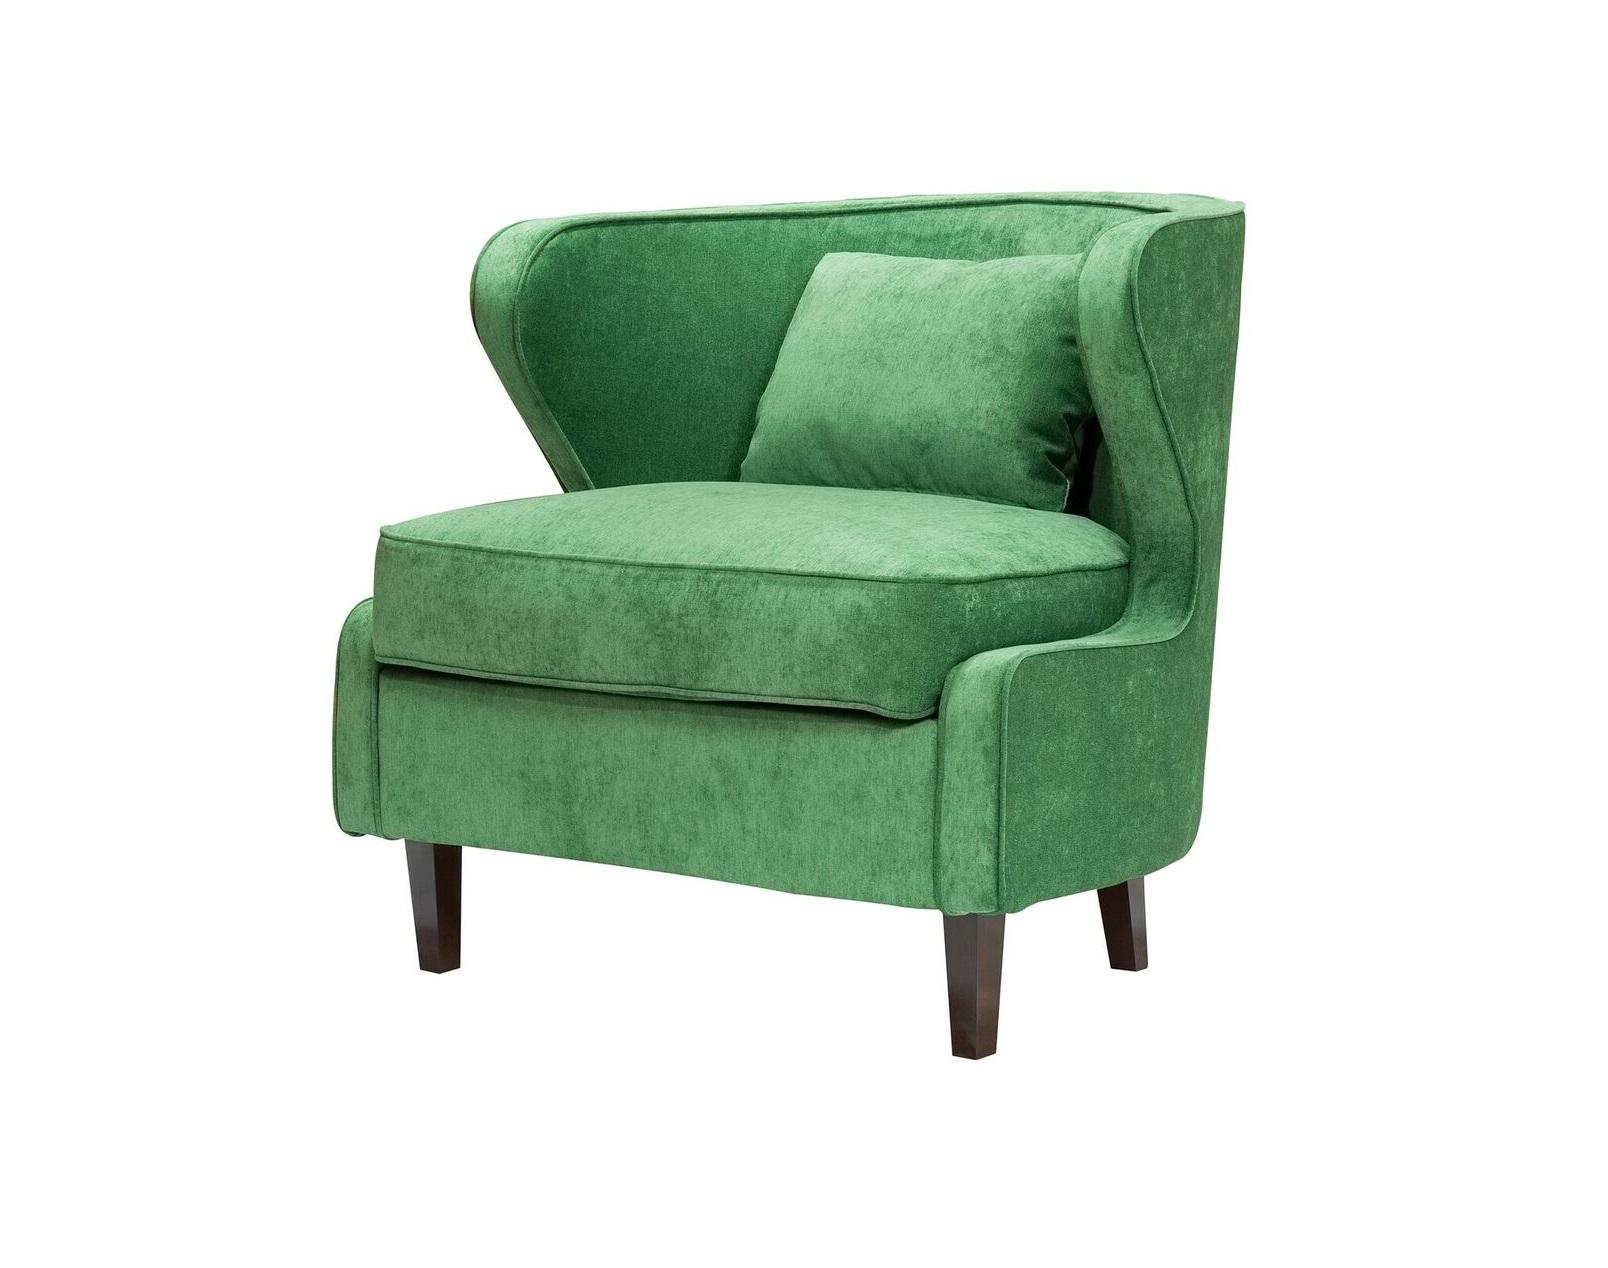 Кресло ВидияИнтерьерные кресла<br>&amp;lt;div&amp;gt;Изящное кресло &amp;quot;Видия&amp;quot; станет ярким акцентом вашей гостиной. Оно обращает на себя внимание формой спинки и подлокотников, а мягкие подушки и мерцающий велюр обещают удобство и комфорт. Плавные контуры подчёркнуты кантом по всему периметру.&amp;amp;nbsp;&amp;lt;/div&amp;gt;&amp;lt;div&amp;gt;&amp;lt;br&amp;gt;&amp;lt;/div&amp;gt;&amp;lt;div&amp;gt;Каркас: брус, ДСП, фанера.&amp;amp;nbsp;&amp;lt;br&amp;gt;&amp;lt;/div&amp;gt;&amp;lt;div&amp;gt;Наполнение: резинотканные ремни и пенополиуретан в термовлагозащитном чехле из Hollgone.&amp;amp;nbsp;&amp;lt;/div&amp;gt;&amp;lt;div&amp;gt;Верхние чехлы съемные.&amp;lt;/div&amp;gt;&amp;lt;div&amp;gt;&amp;lt;br&amp;gt;&amp;lt;/div&amp;gt;&amp;lt;div&amp;gt;Кресло можно заказать в ткани любого цвета.&amp;lt;/div&amp;gt;<br><br>Material: Велюр<br>Width см: 90<br>Depth см: 90<br>Height см: 90